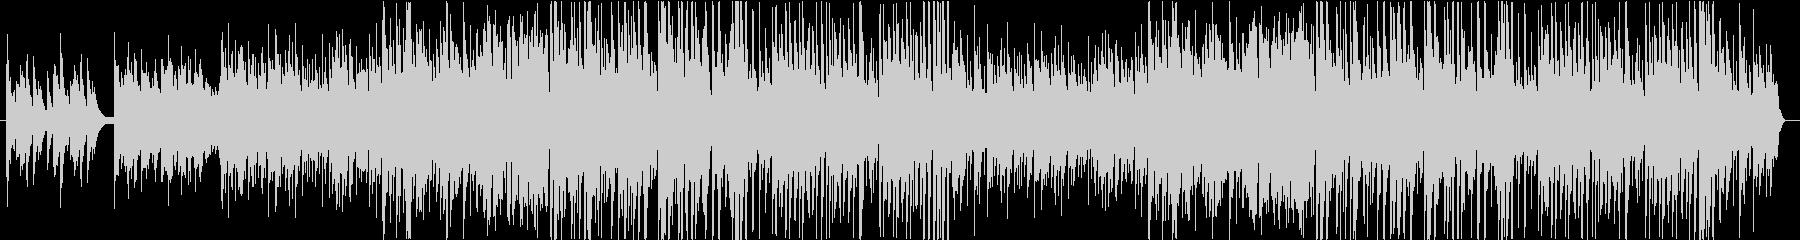 優しく切ないピアノメインのバラードの未再生の波形